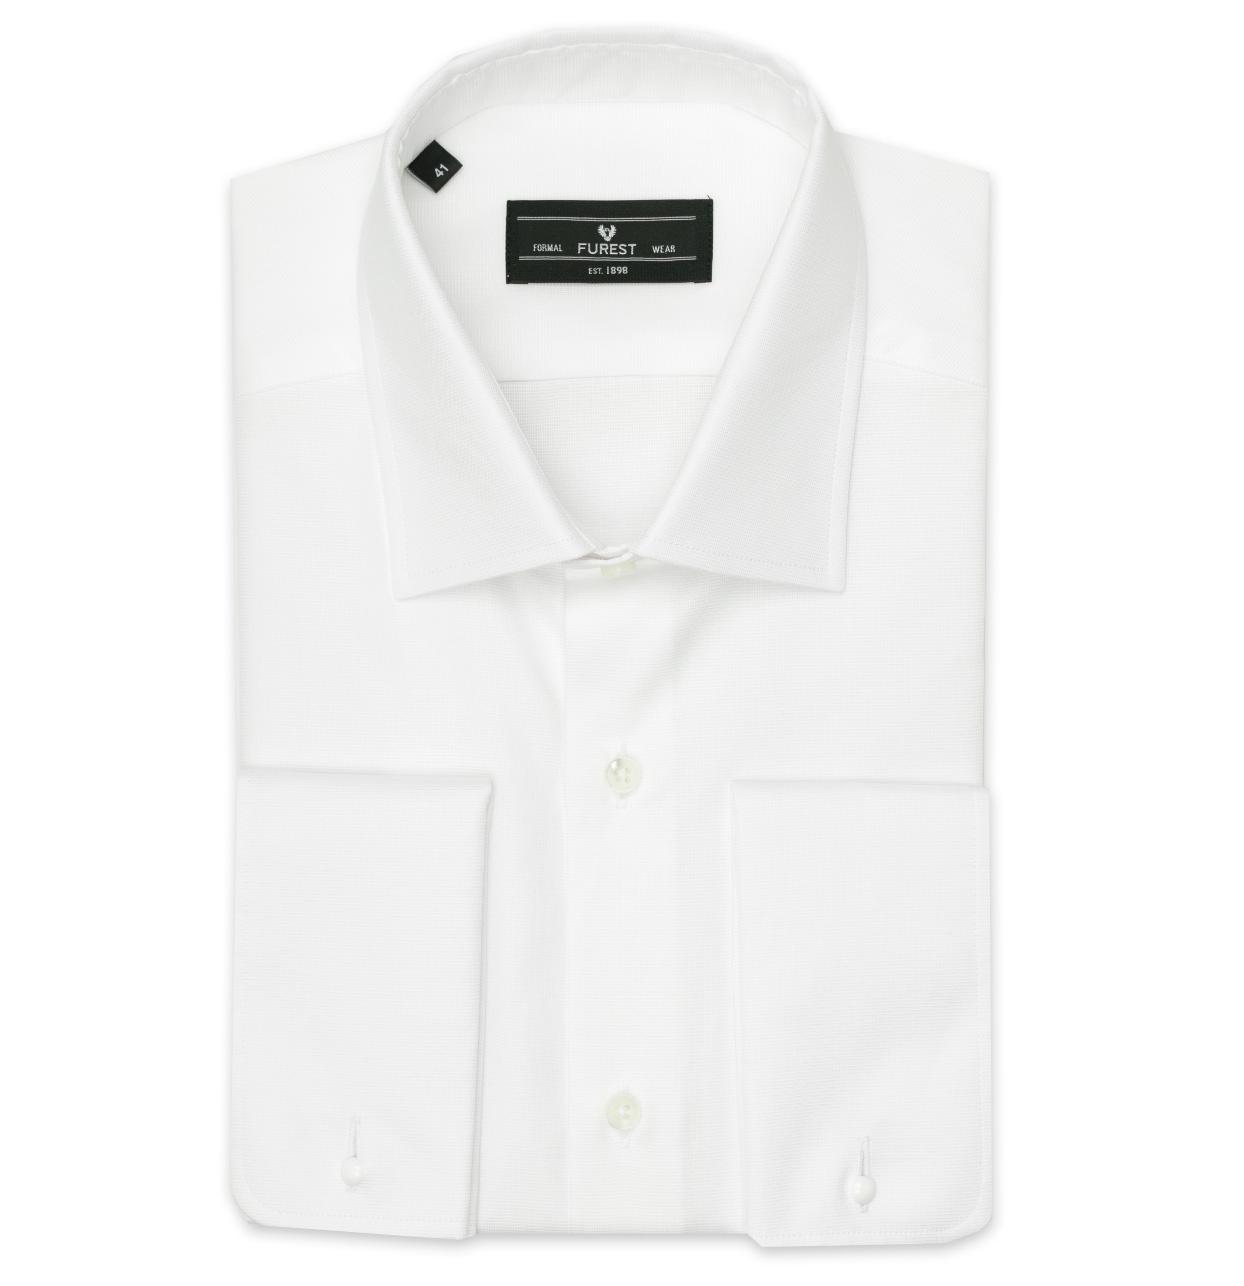 Camisa Formal Wear REGULAR FIT cuello Italiano y puño doble modelo ROMA tejido micro textura color blanco, 100% Algodón.